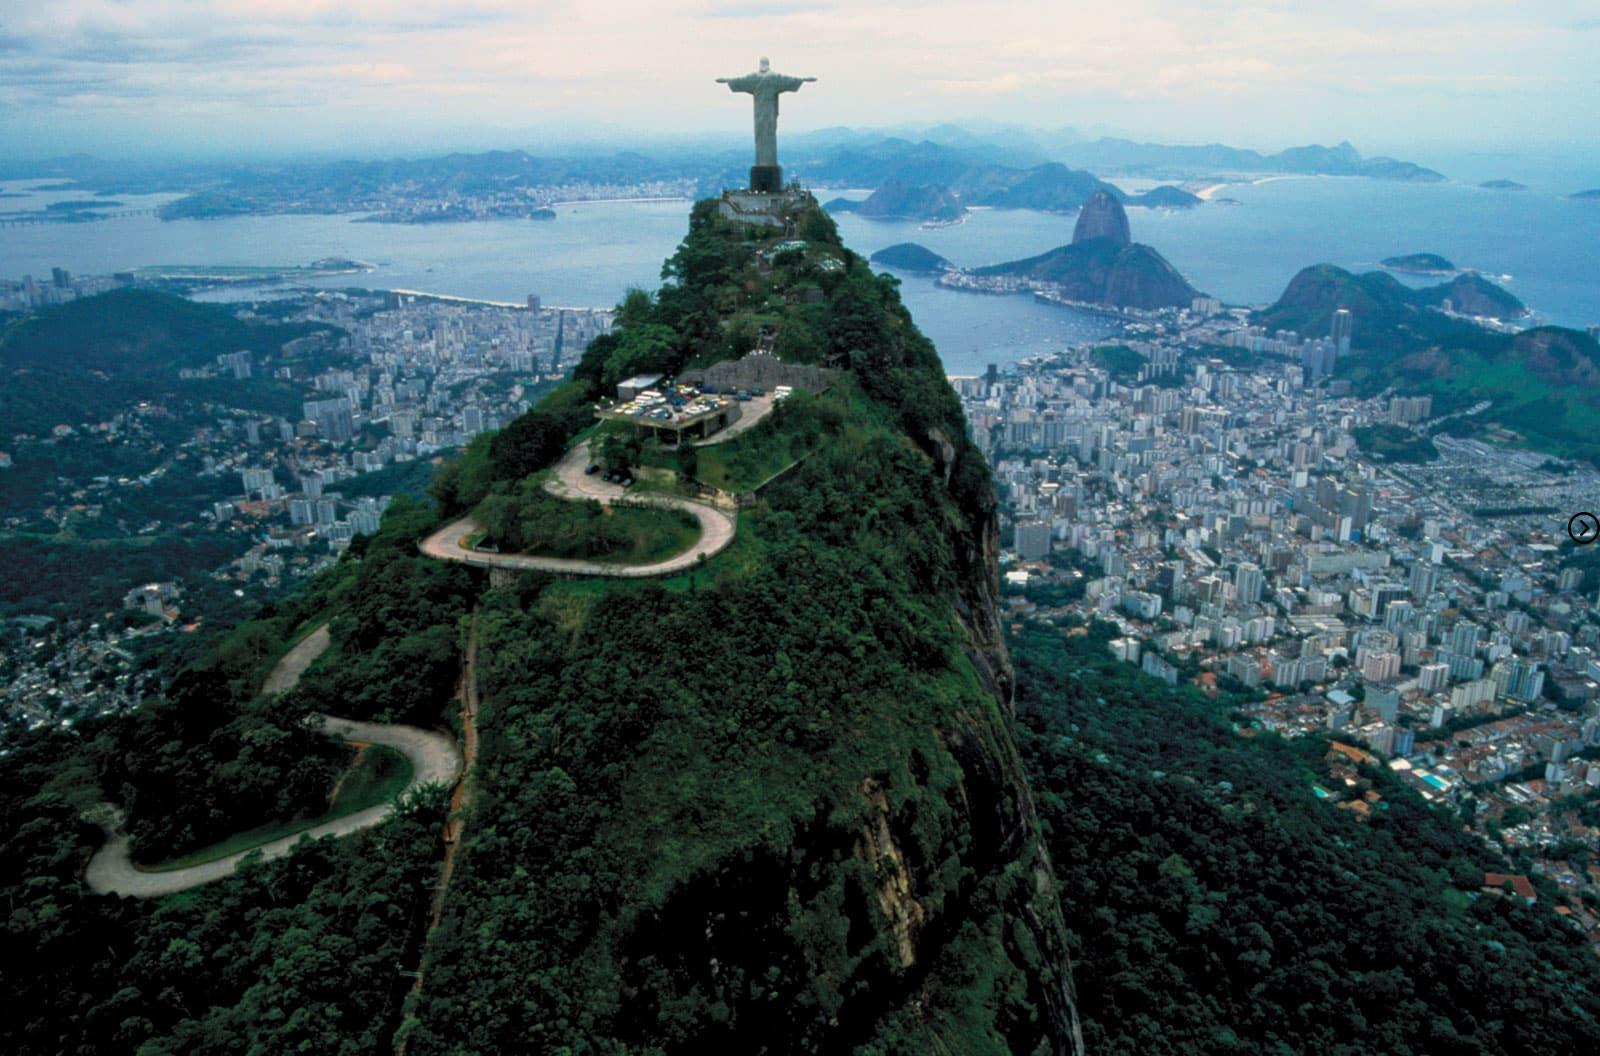 Qual é o nome da montanha que tem a estátua? 8